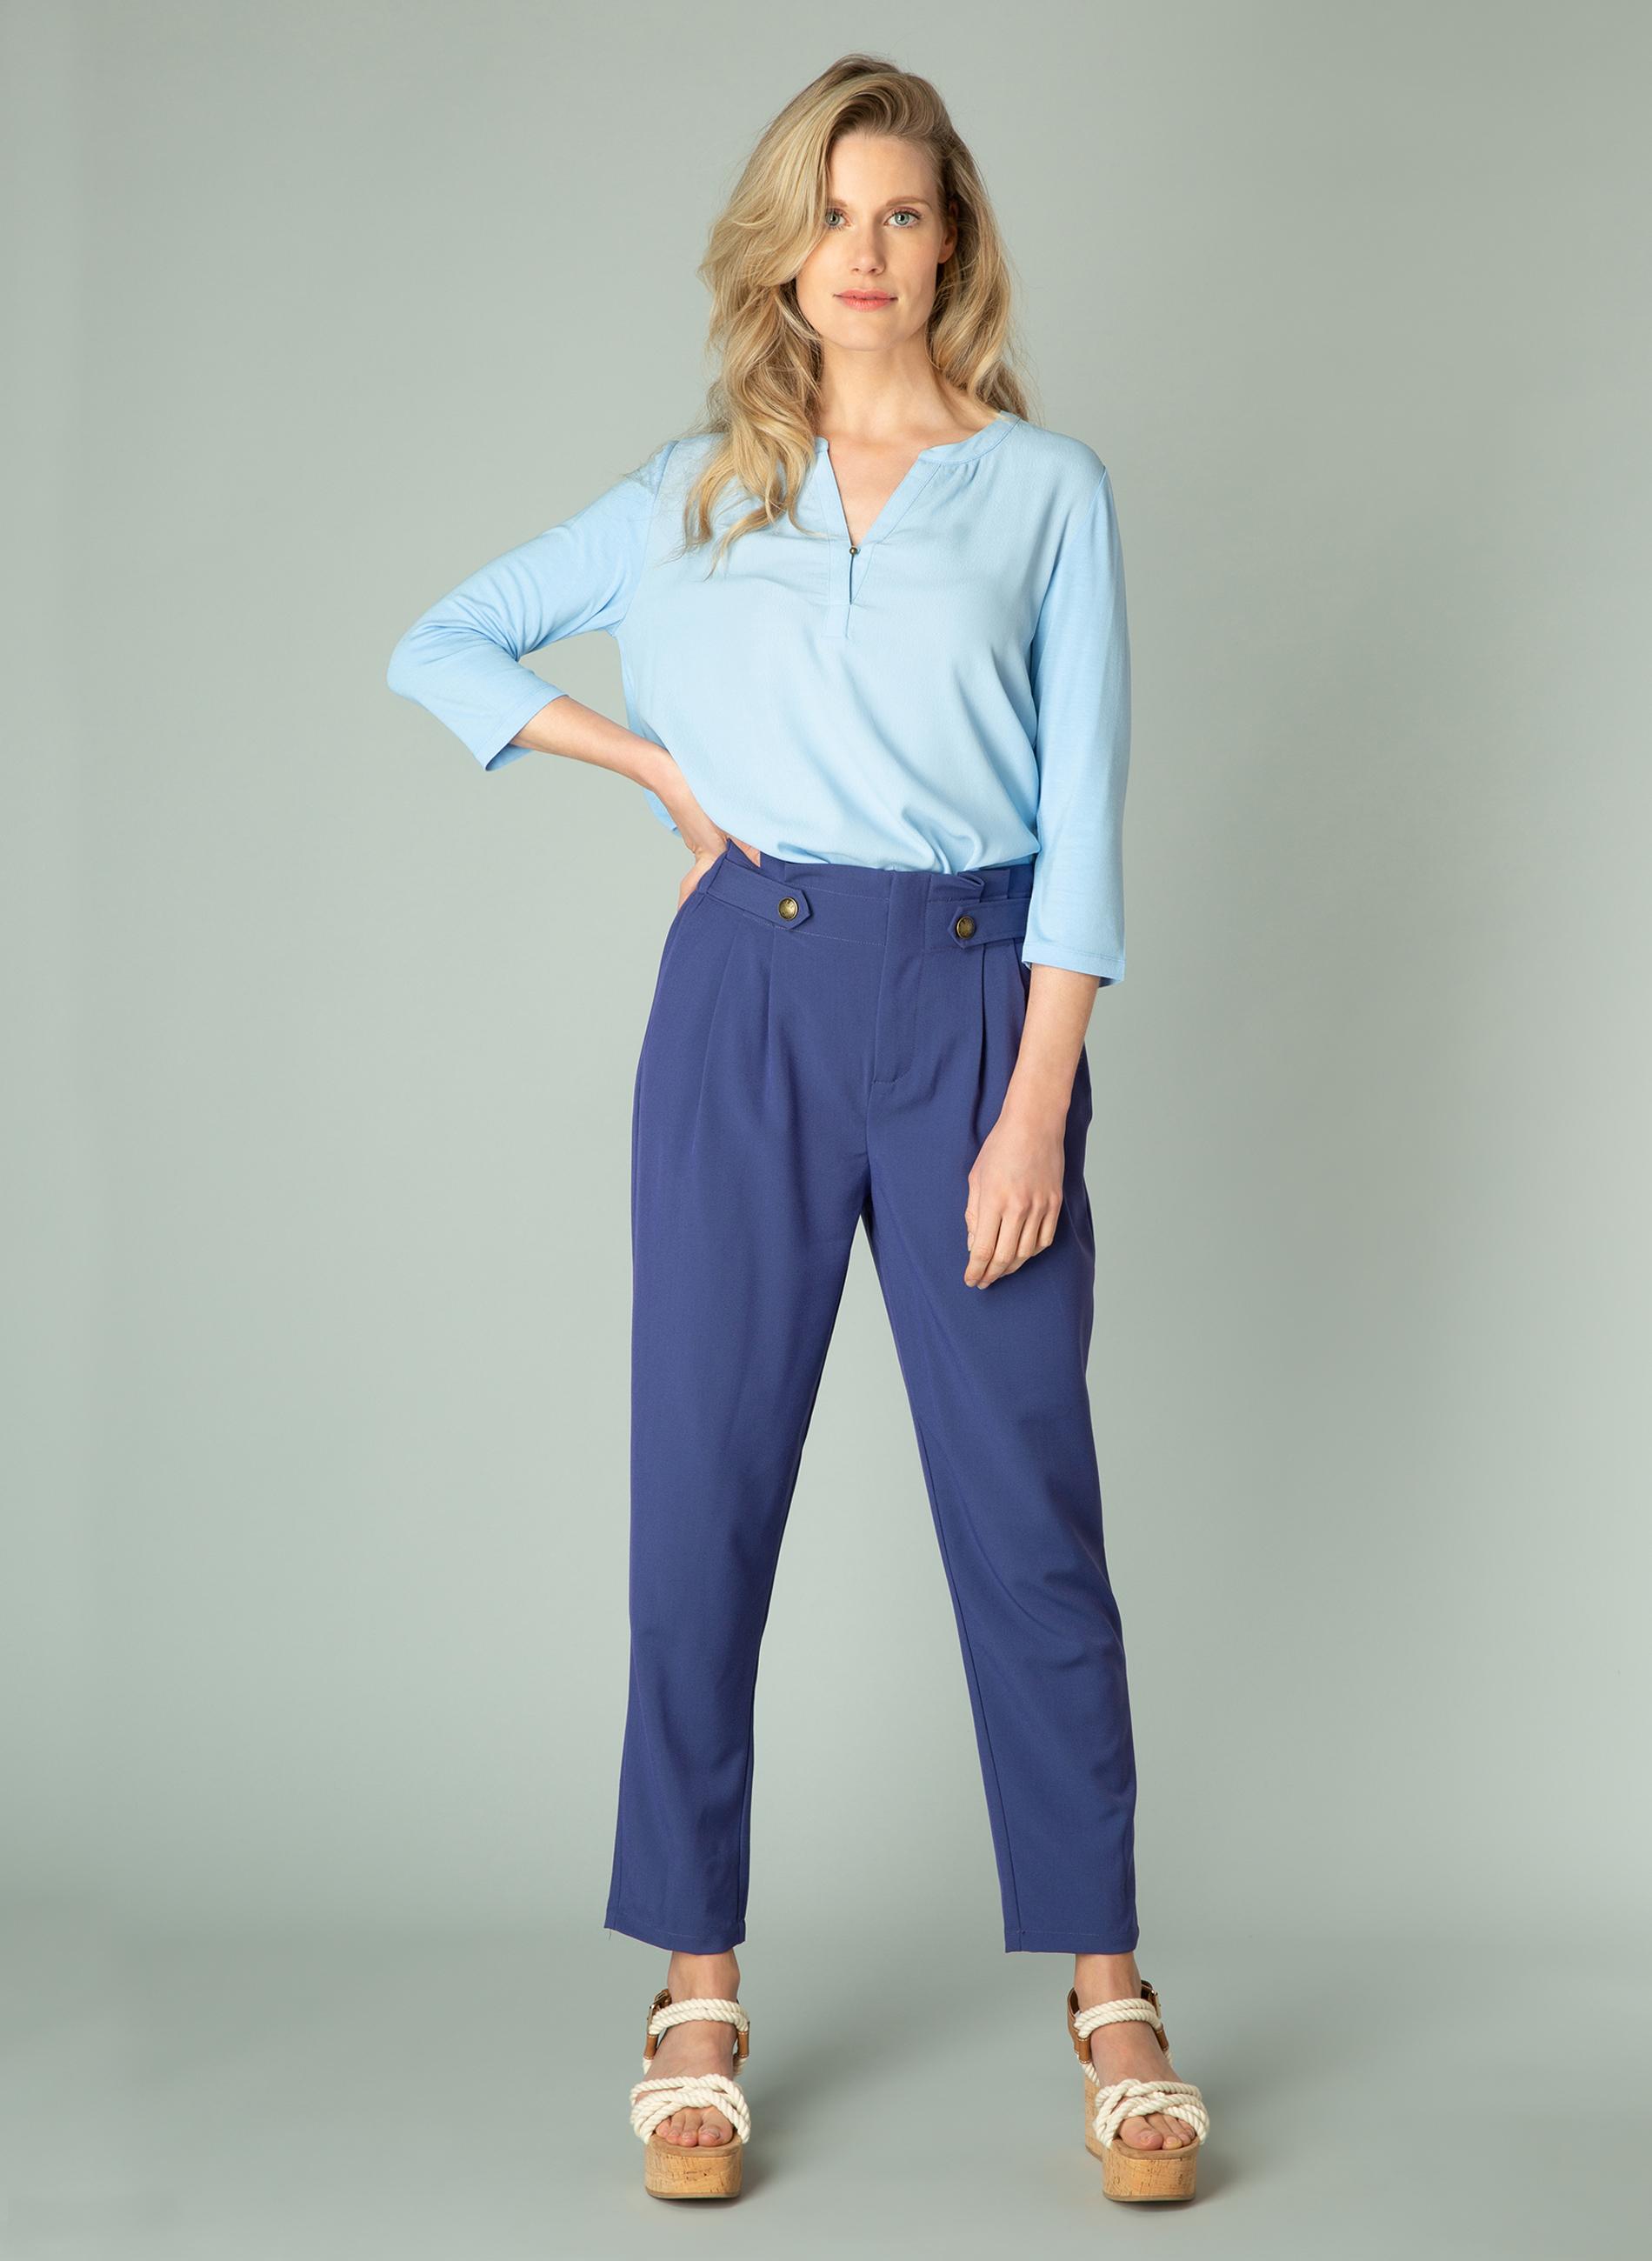 Yest Shirt Guilia 65 cm